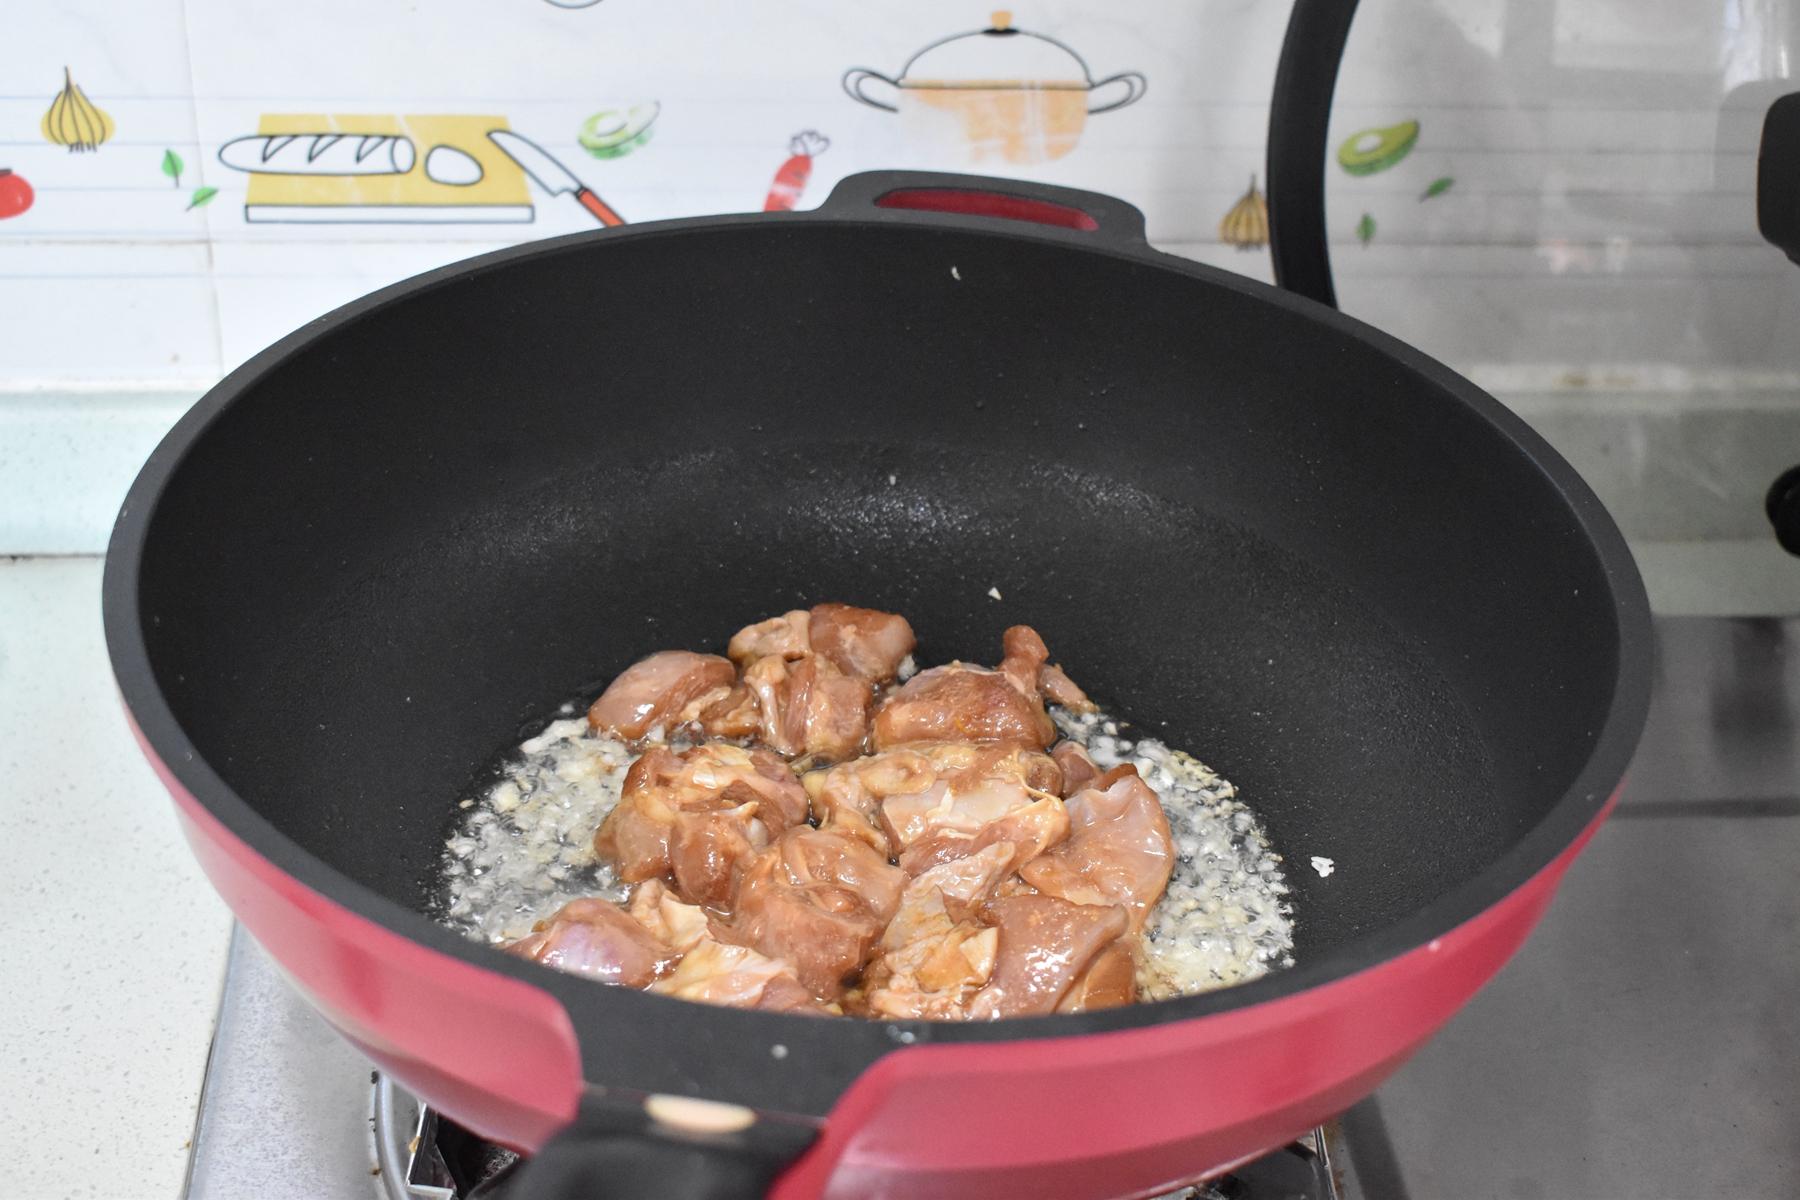 夏天少吃羊肉多吃它,搭配当季蔬菜简单炒一下,营养味美又下饭